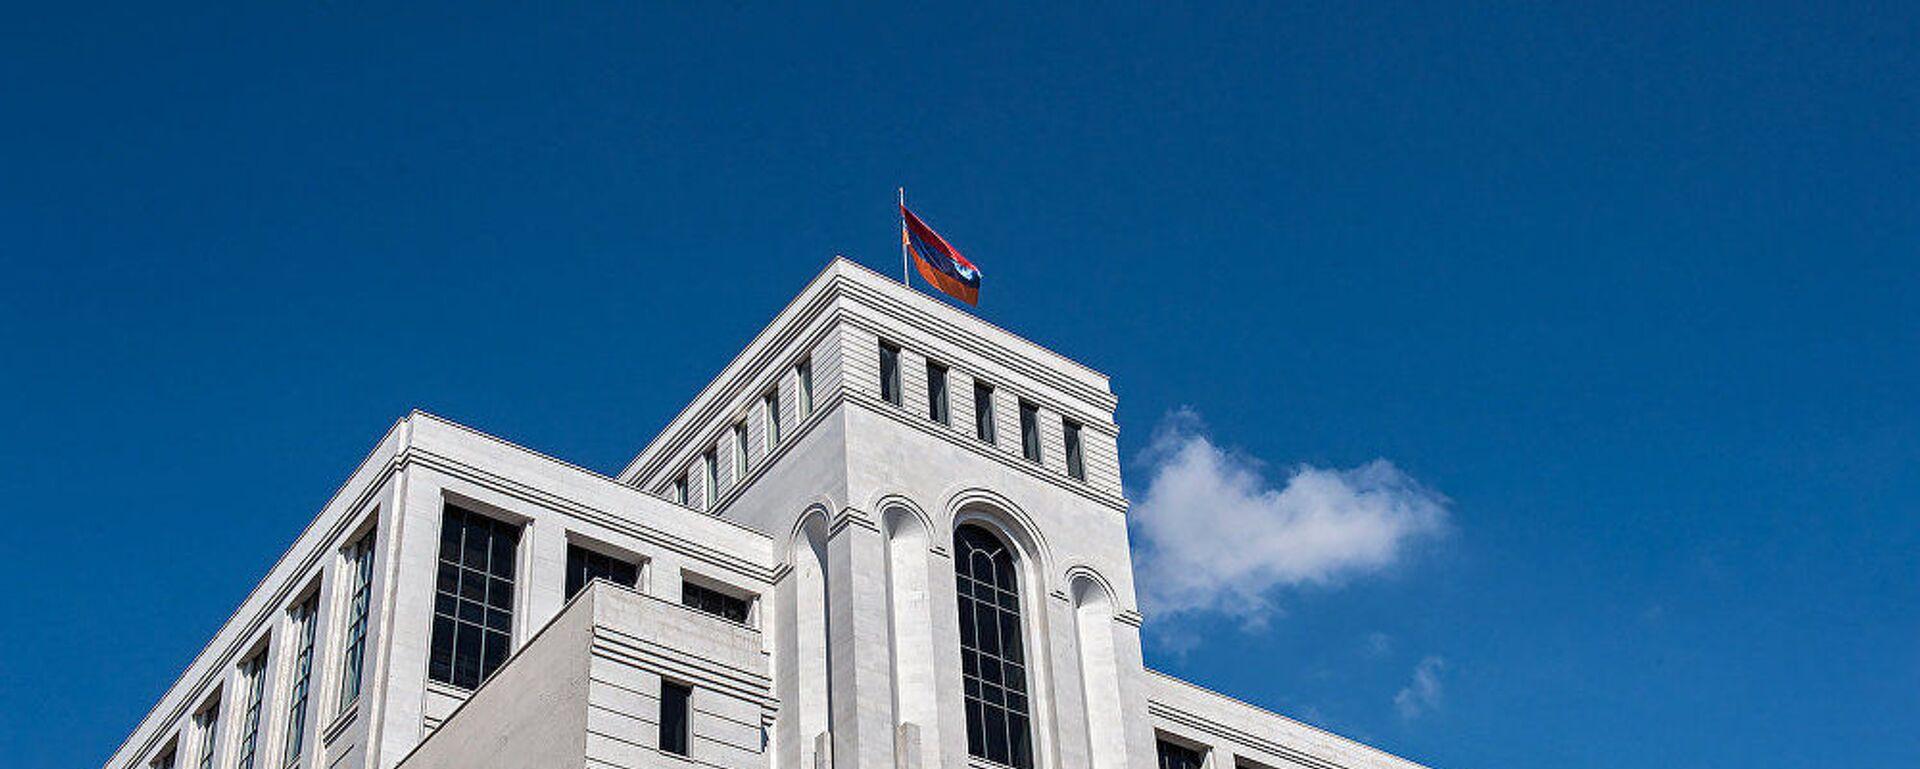 Budova ministerstev Arménie - Sputnik Česká republika, 1920, 20.06.2021